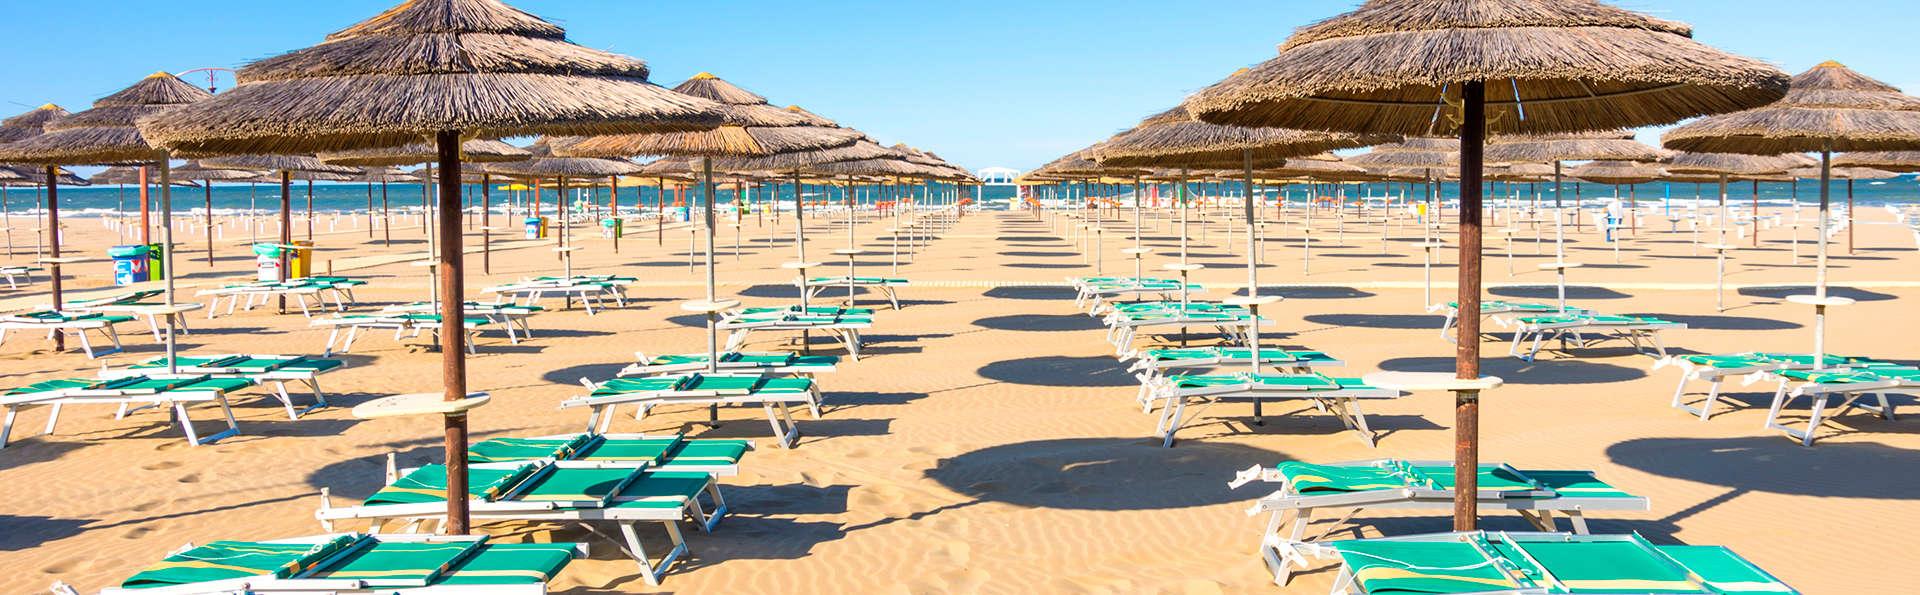 Oferta especial: una semana de relax en la costa de Rimini (7 noches)